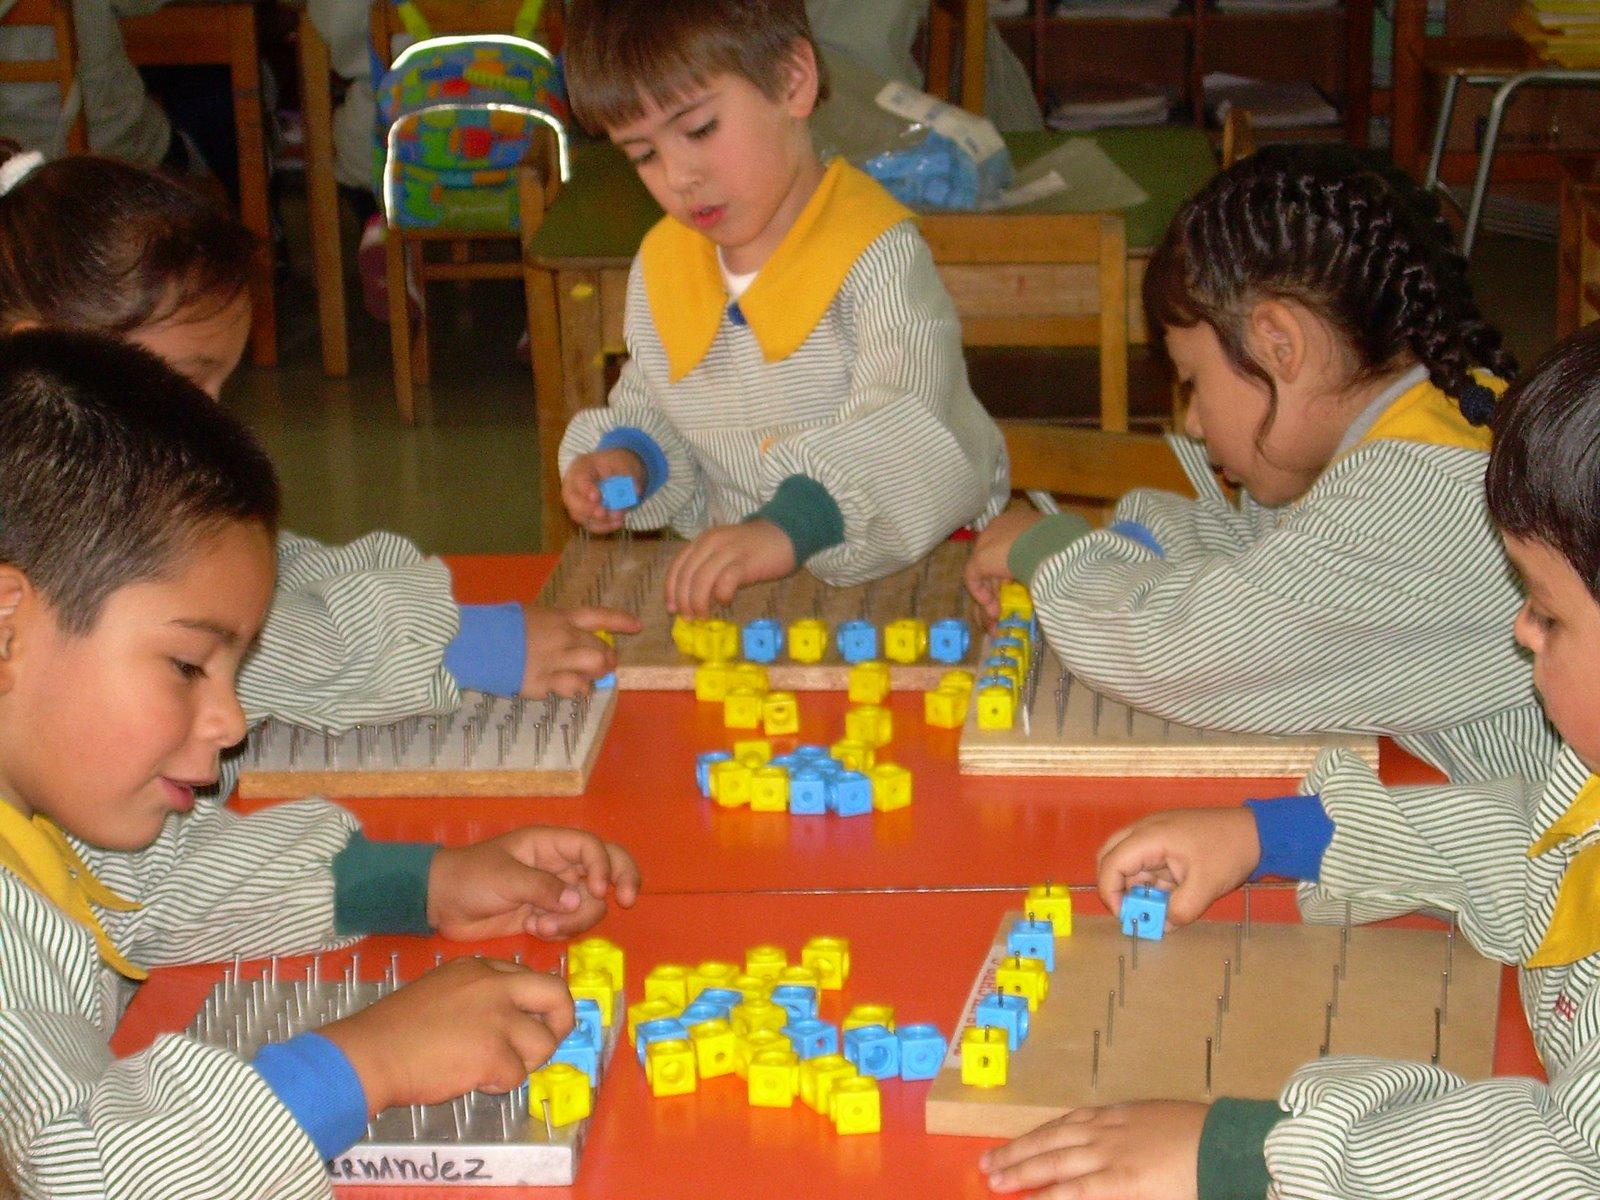 Educabilidad con las tic estrategias ludico pedag gicas for Aprendiendo y jugando jardin infantil